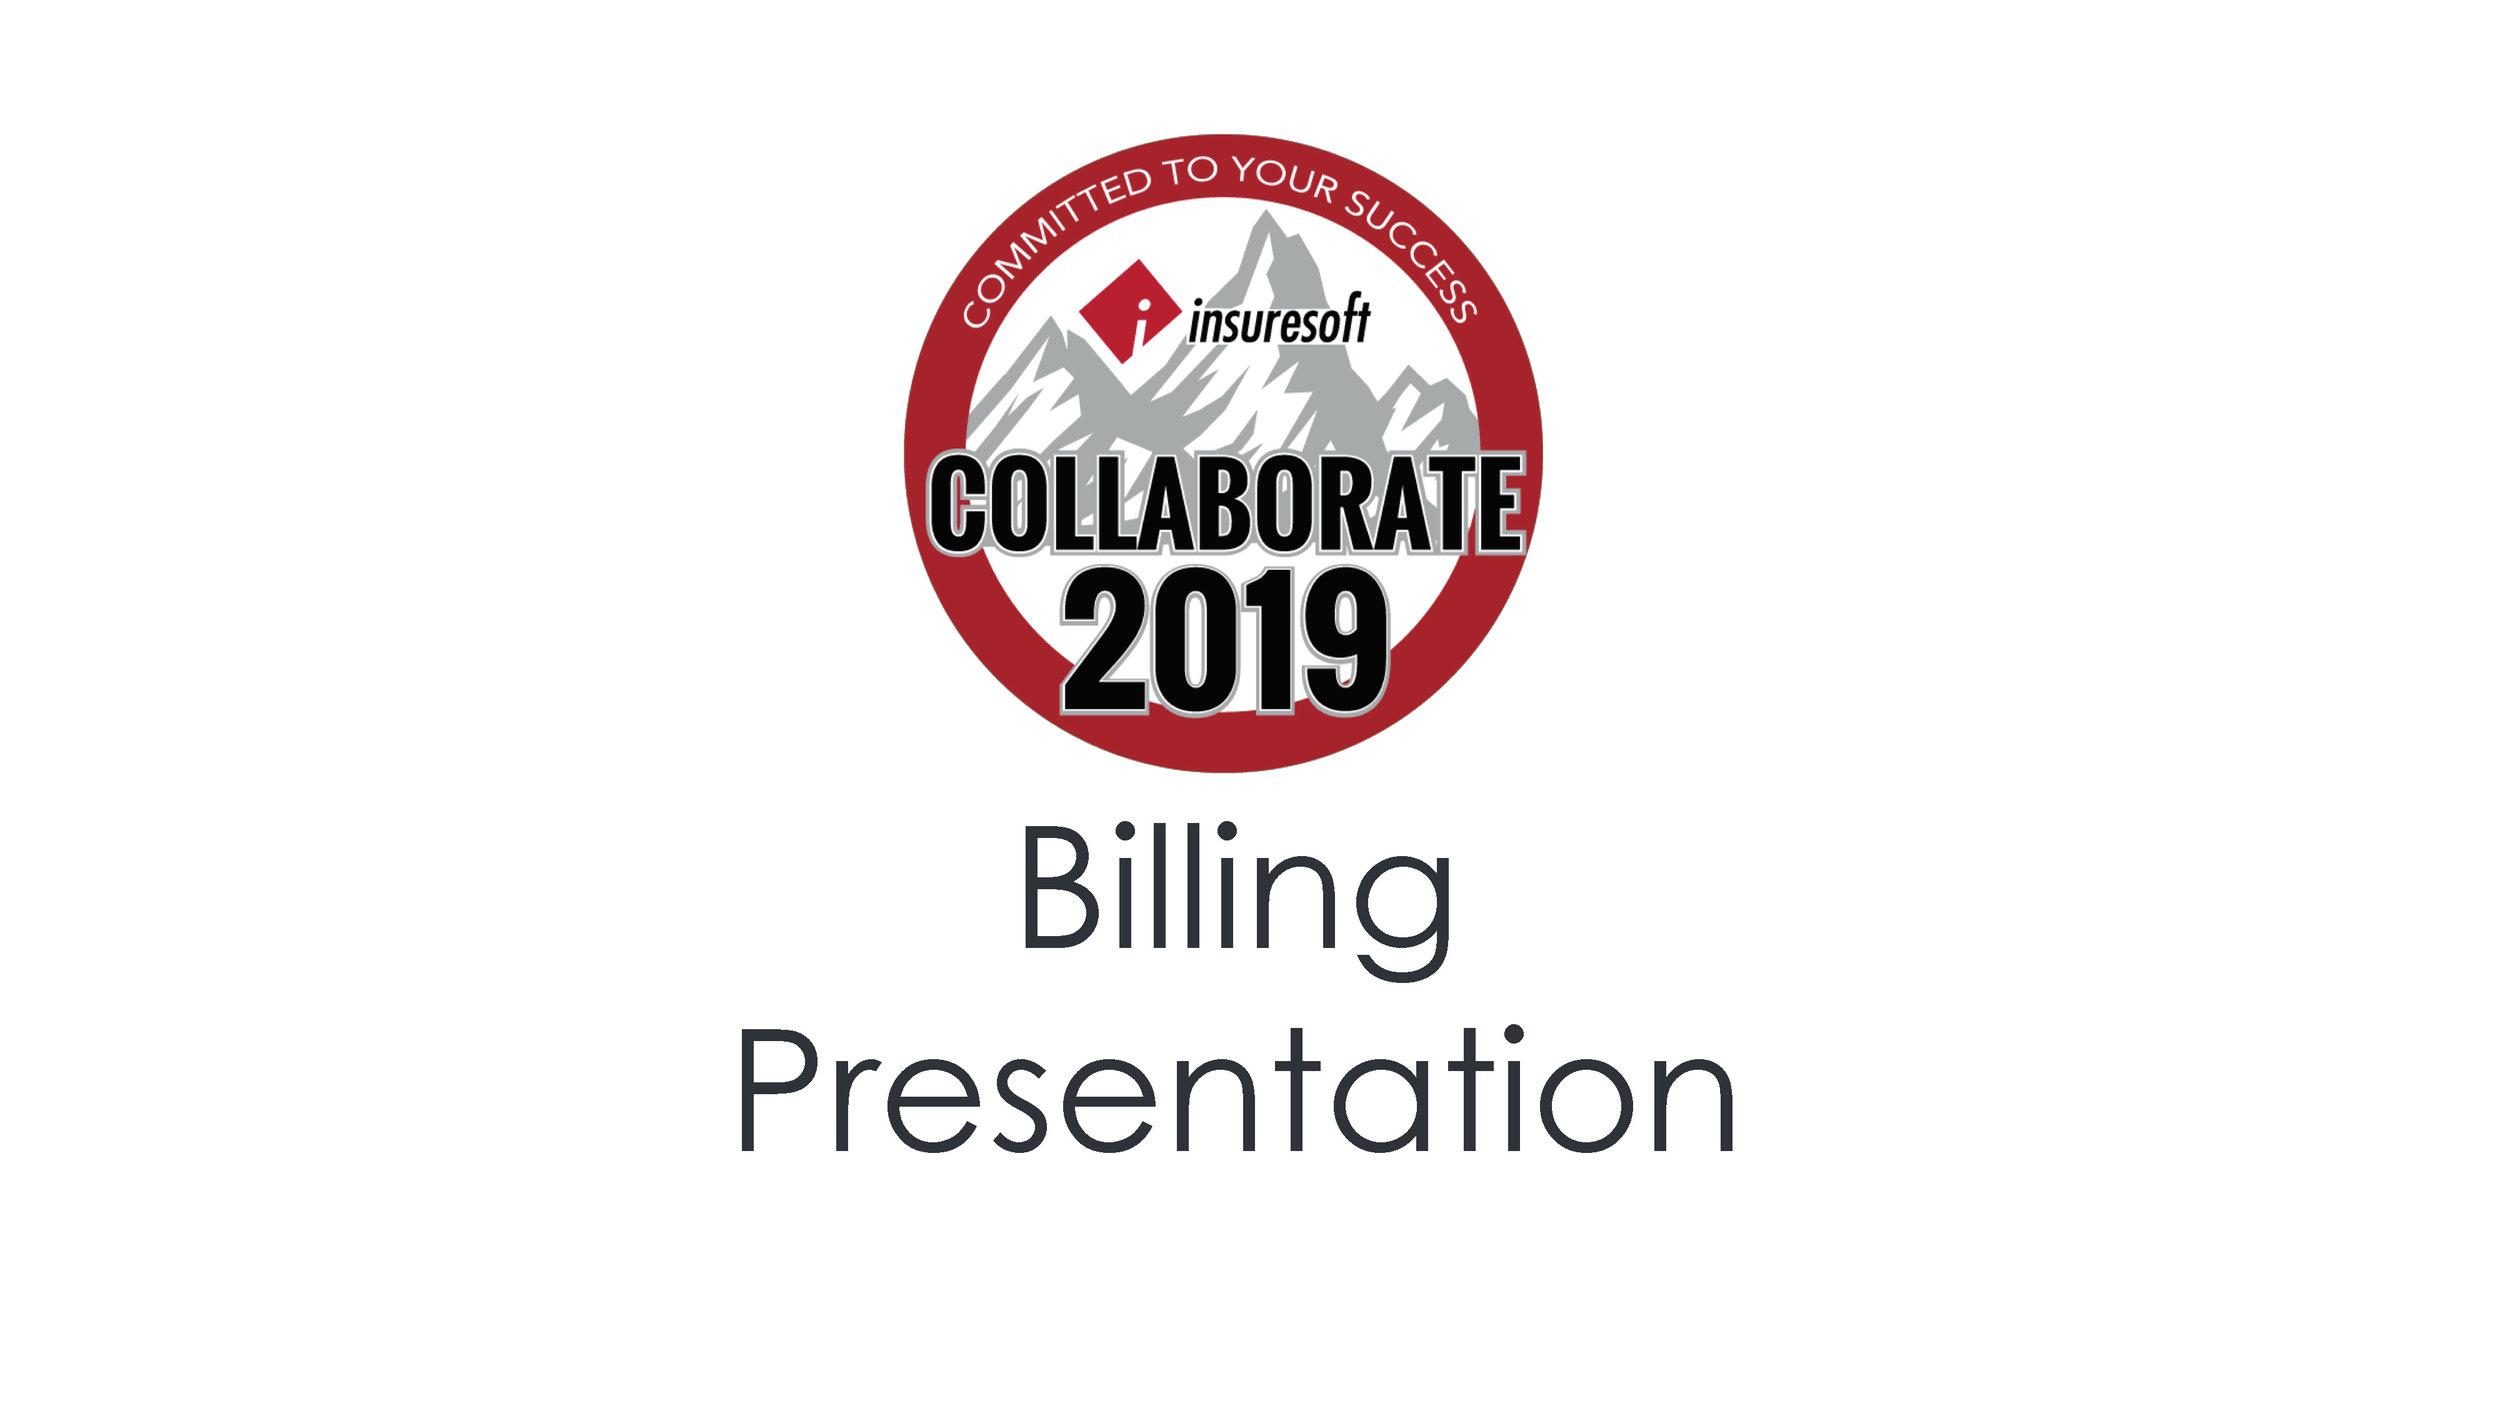 Billing Presentation & Roundtable